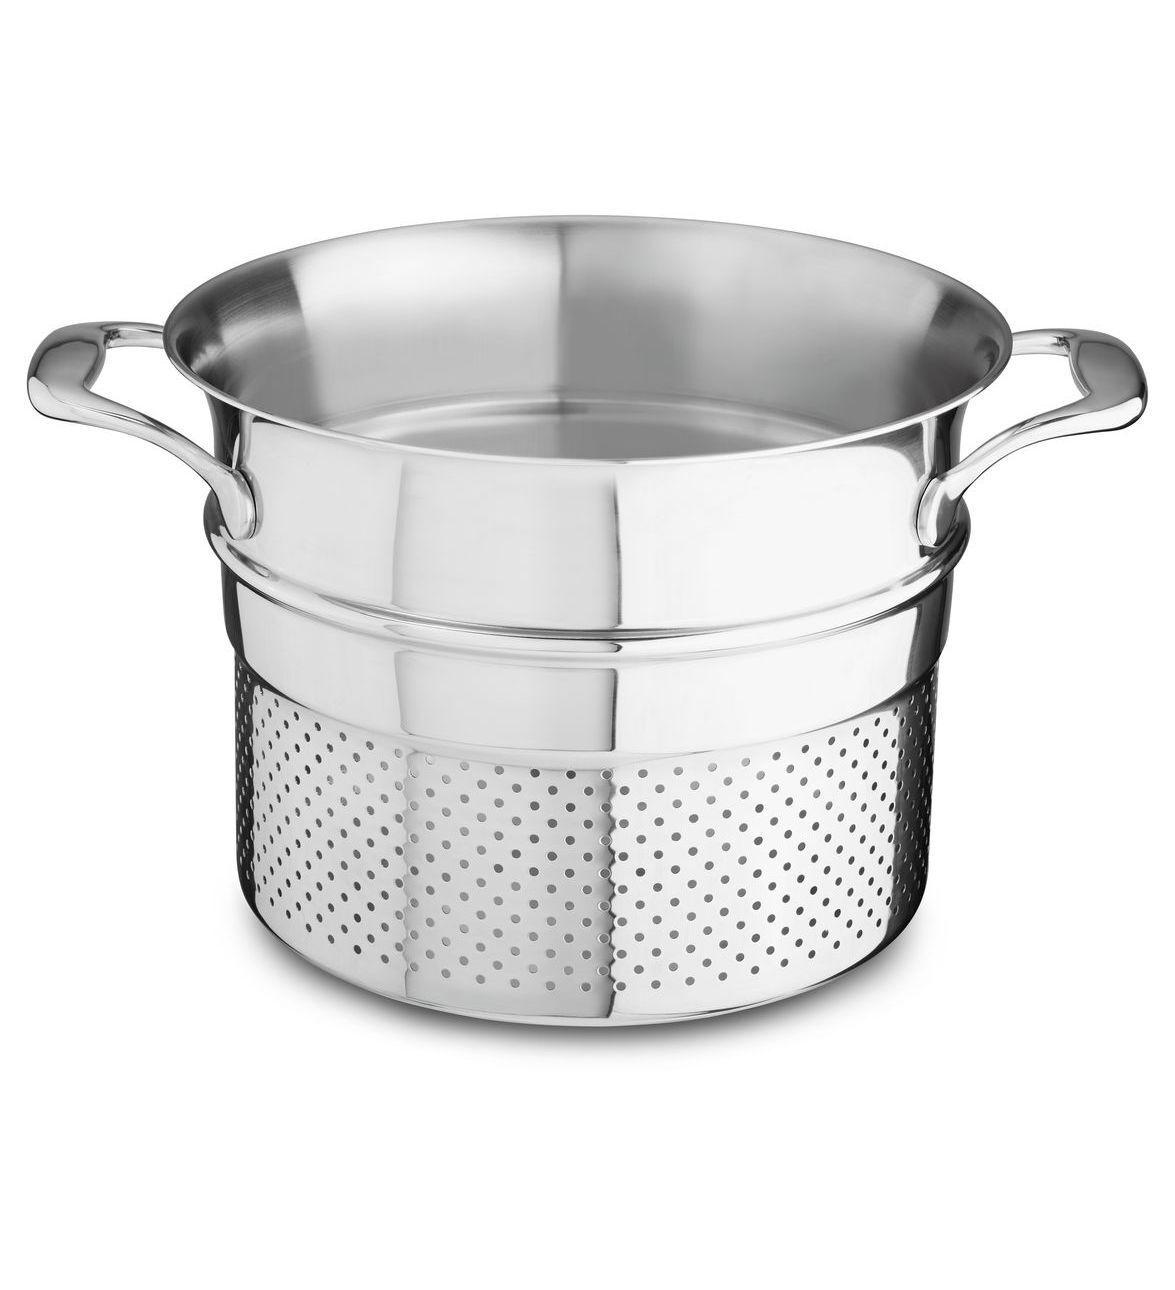 KitchenAid® 18 10 Stainless Steel Pasta Insert, KCN80PIST